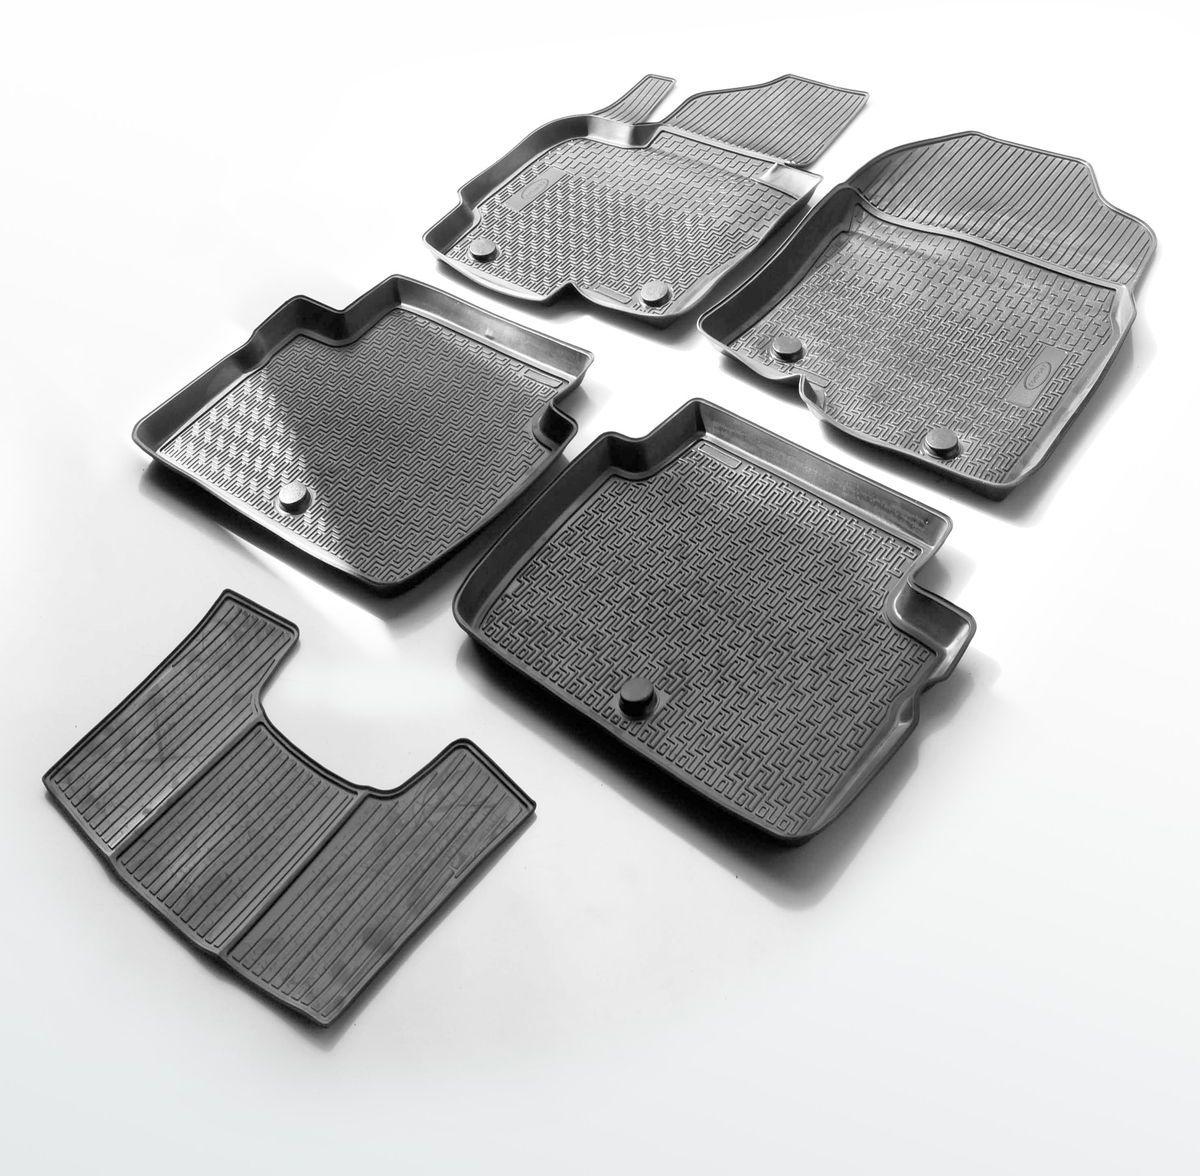 Ковры салона Rival для Lada Xray 2016-, 4 шт + перемычка0016007001Автомобильные ковры салона Rival Прочные и долговечные ковры в салон автомобиля, изготовлены из высококачественного и экологичного сырья, полностью повторяют геометрию салона вашего автомобиля. - Надежная система крепления, позволяющая закрепить коврик на штатные элементы фиксации, в результате чего отсутствует эффект скольжения по салону автомобиля. - Высокая стойкость поверхности к стиранию. - Специализированный рисунок и высокий борт, препятствующие распространению грязи и жидкости по поверхности ковра. - Перемычка задних ковров в комплекте предотвращает загрязнение тоннеля карданного вала. - Произведены из первичных материалов, в результате чего отсутствует неприятный запах в салоне автомобиля. - Высокая эластичность, можно беспрепятственно эксплуатировать при температуре от -45 ?C до +45 ?C.